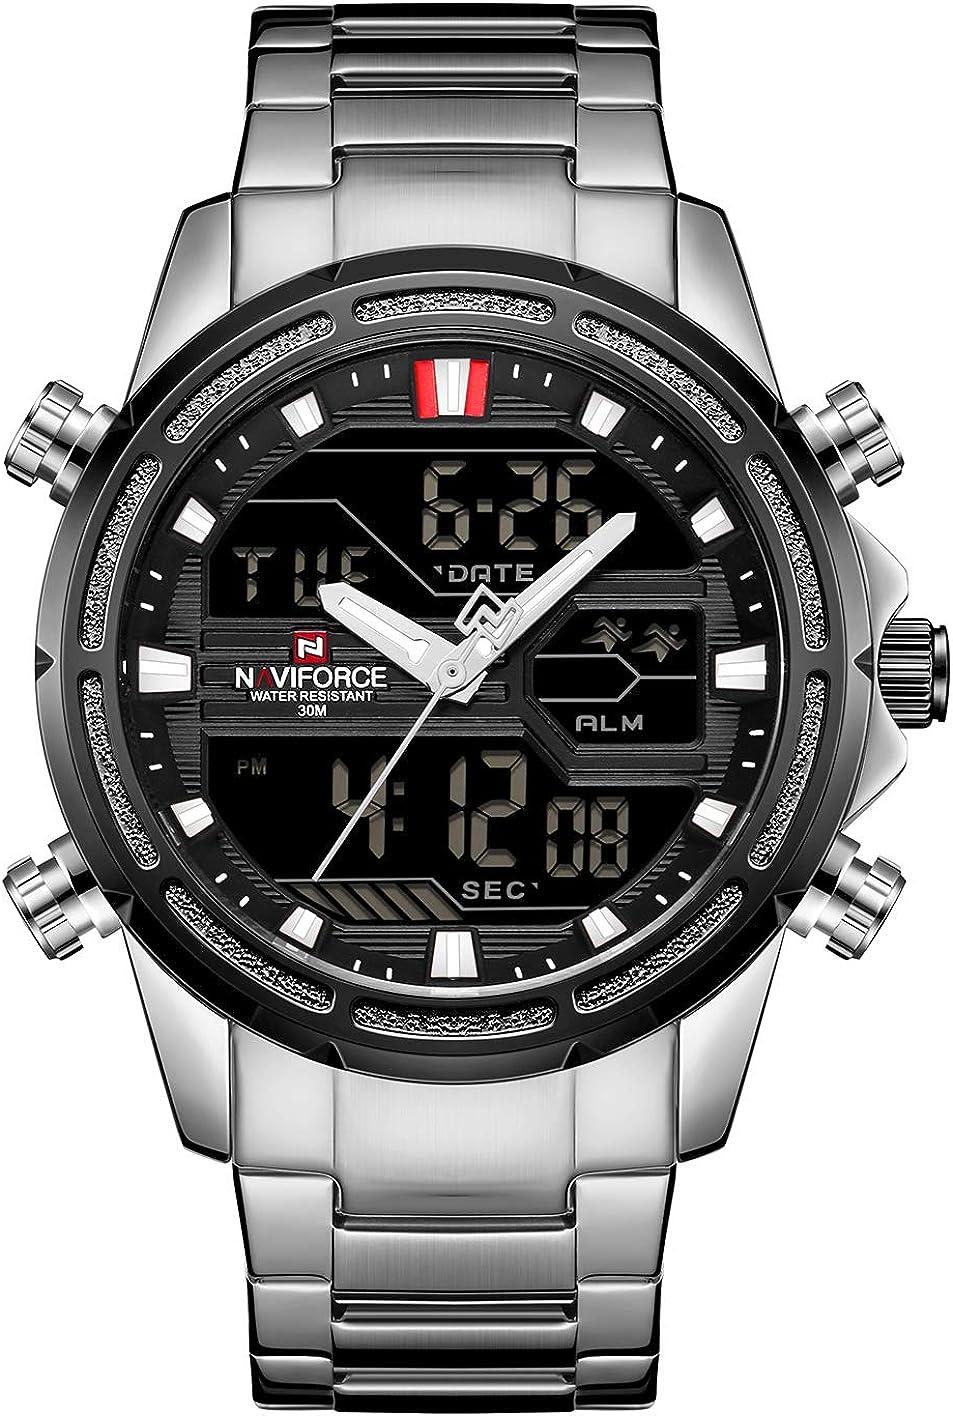 Naviforce - Reloj de pulsera para hombre, resistente al agua, multifunción, analógico, digital, LED, de cuarzo, deportivo, de acero inoxidable